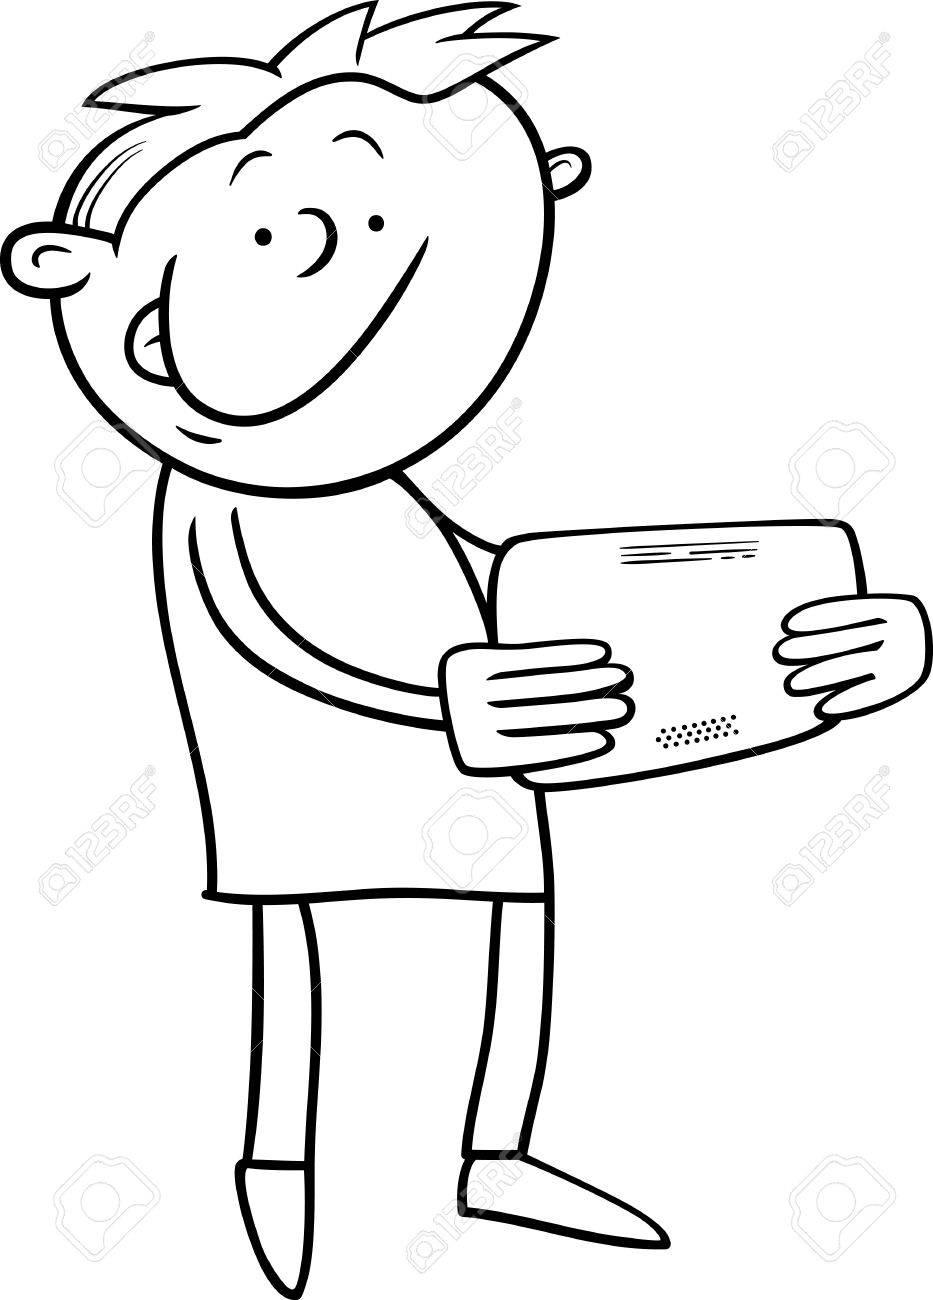 塗り絵のタブレットで遊ぶ子供男の子の白黒漫画イラストのイラスト素材